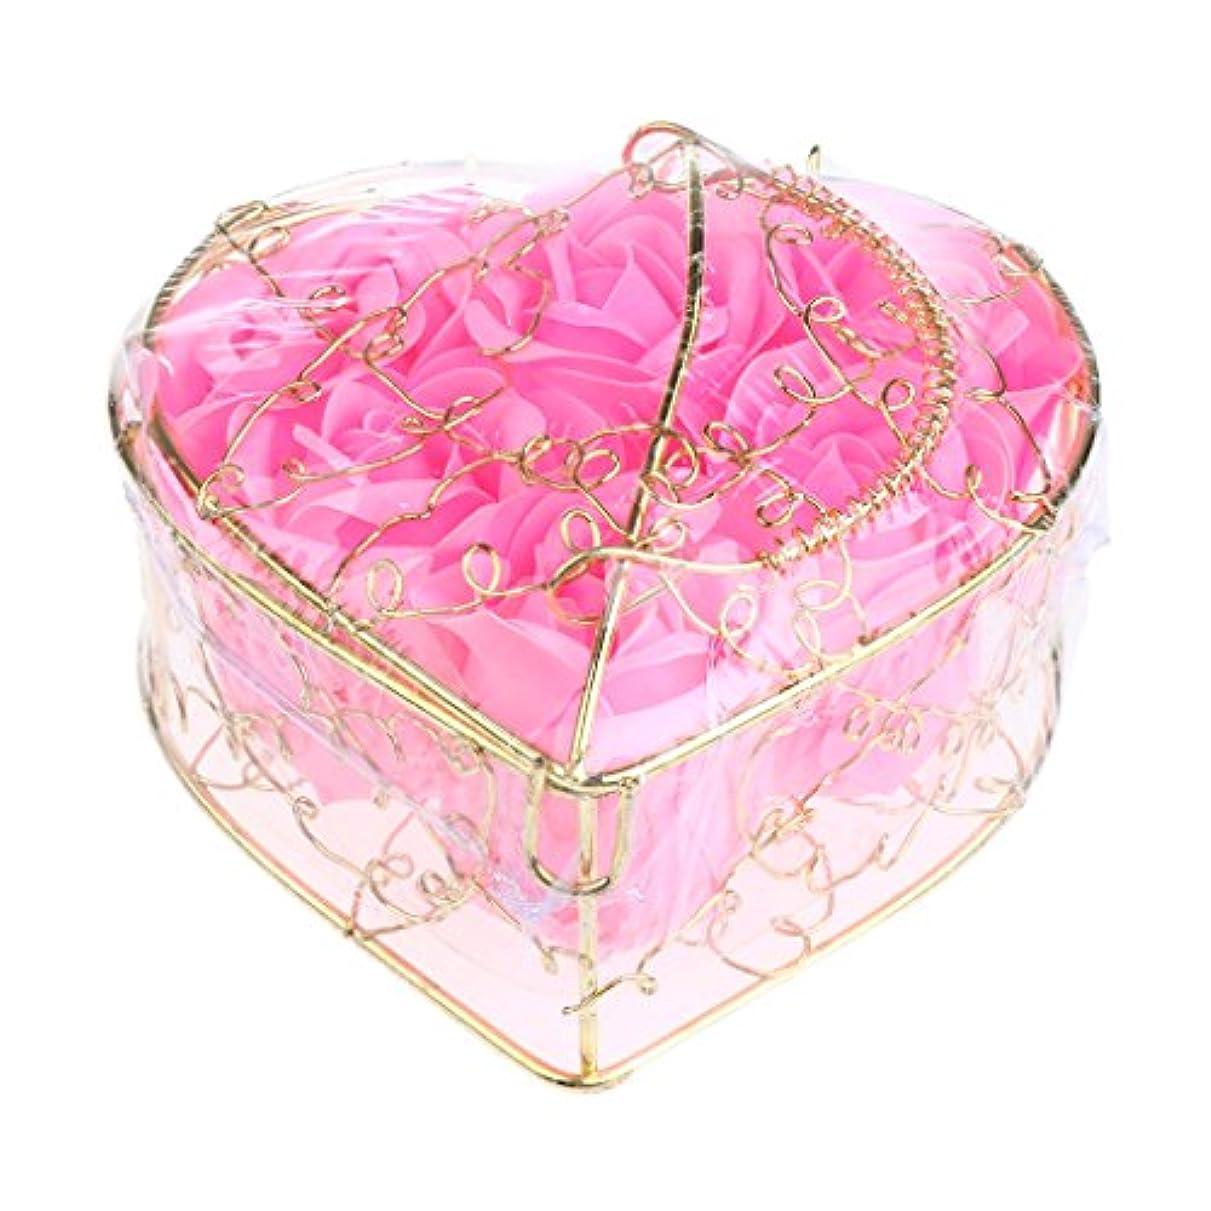 ランダム乱すお肉6個 石鹸の花 バラ 石鹸の花びら 母の日 ギフトボックス ロマンチック 全5タイプ選べる - ピンク